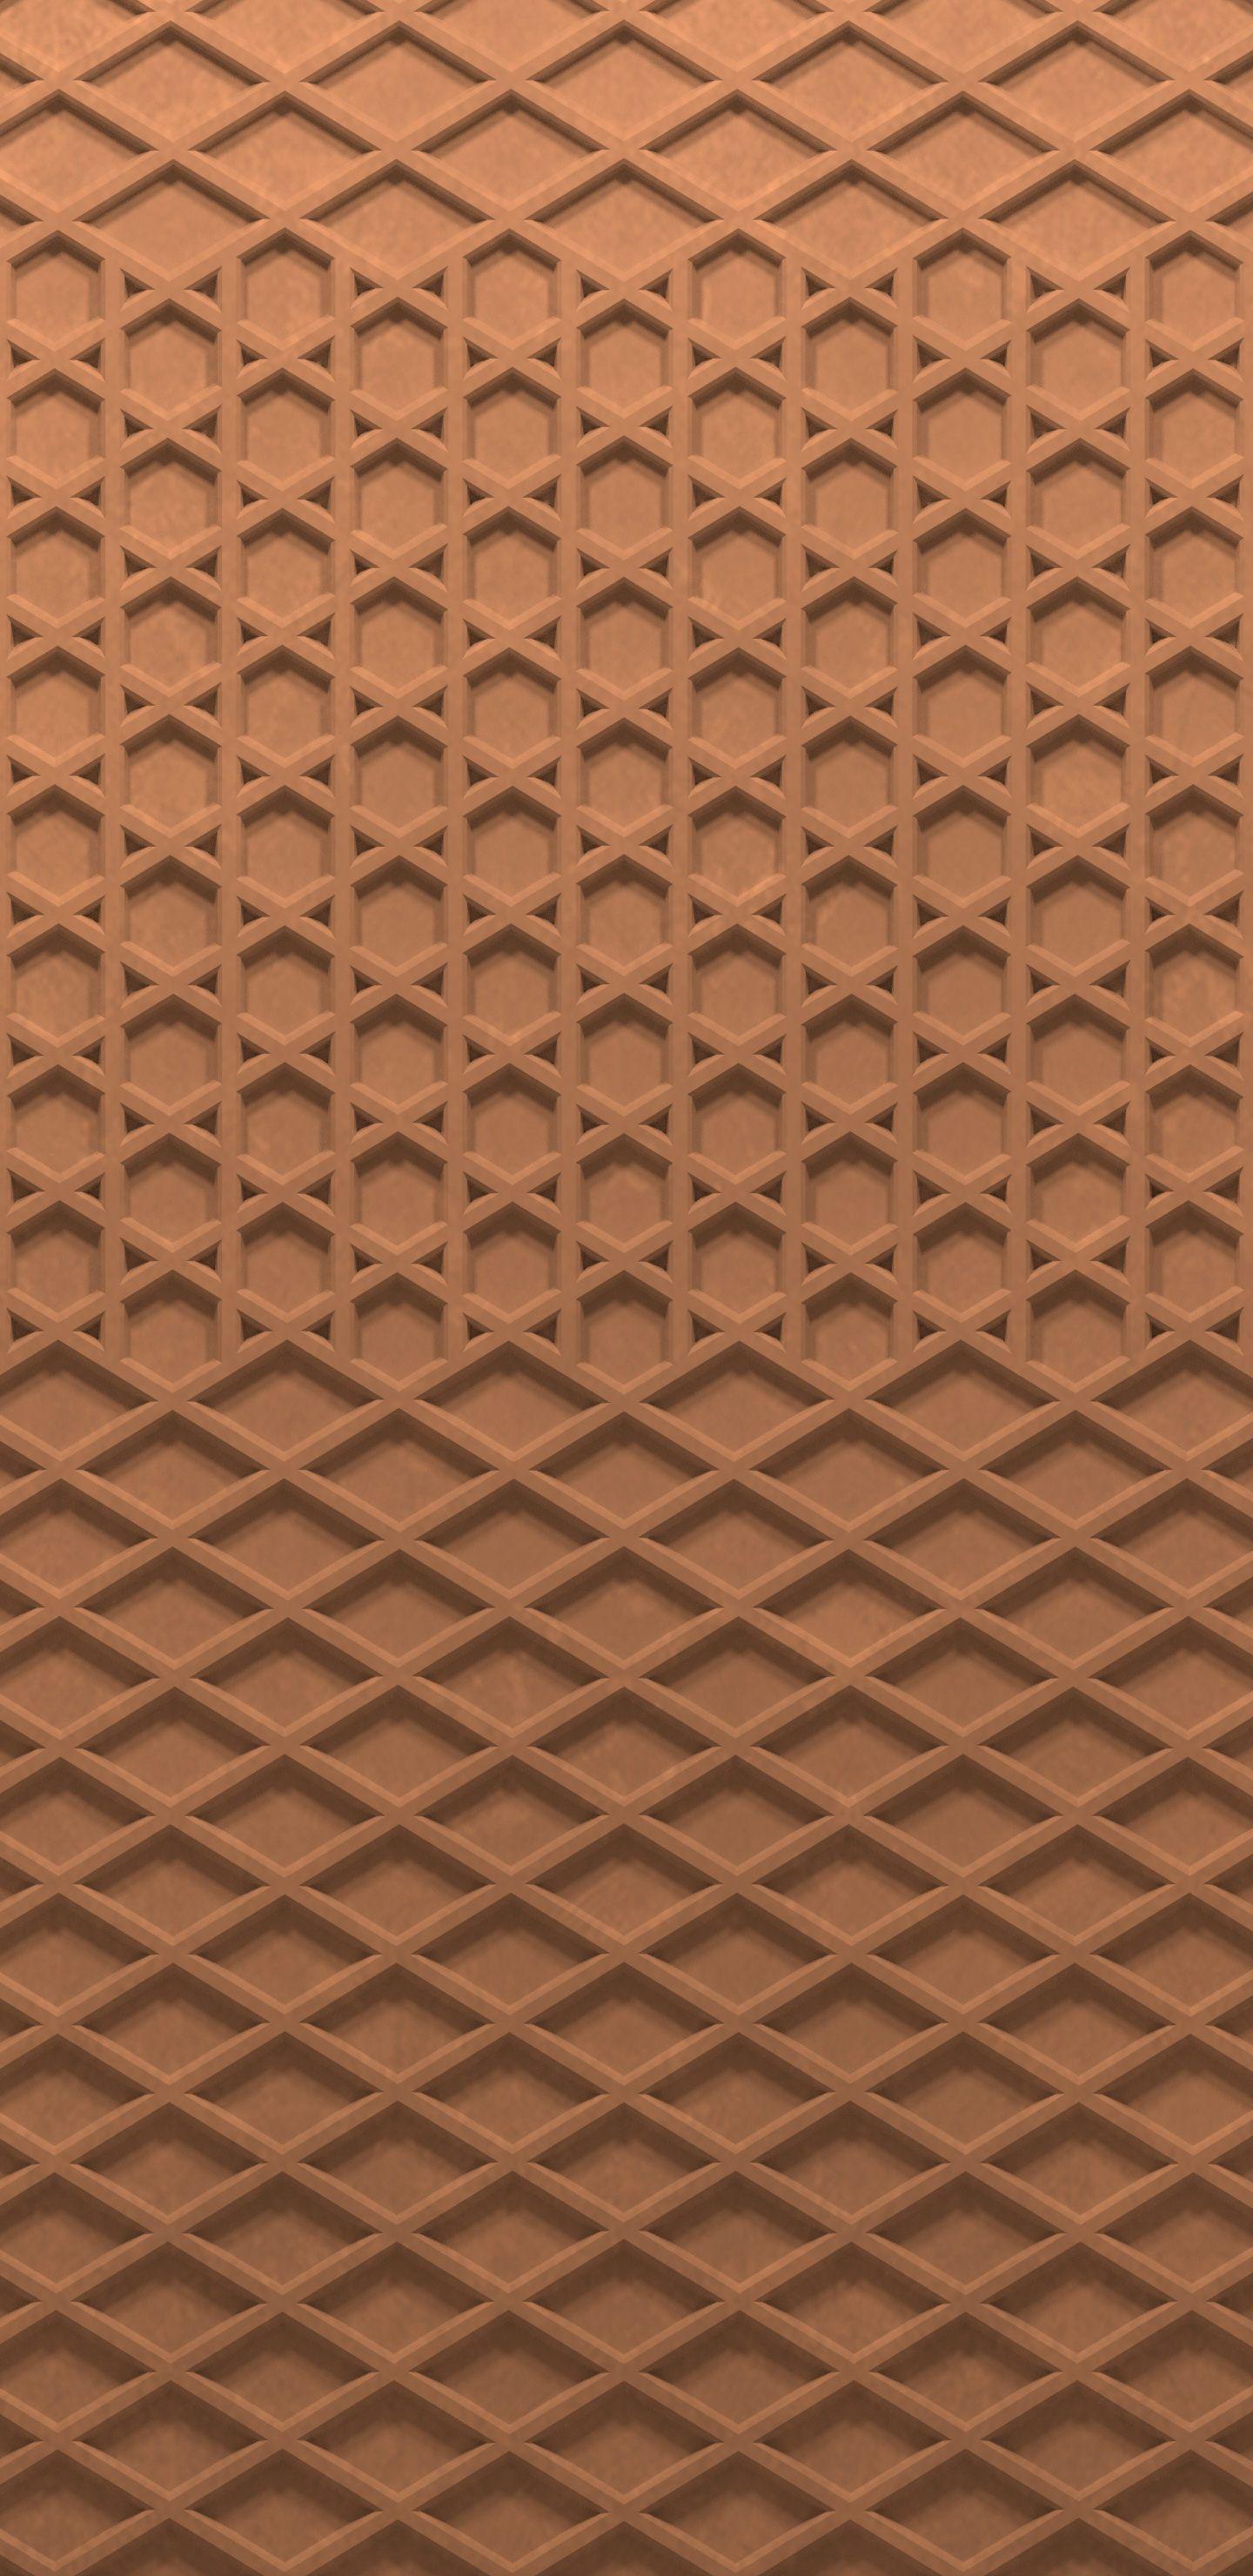 Image Result For Vans Pattern Soul Wallpaper Gallery Cool Vans